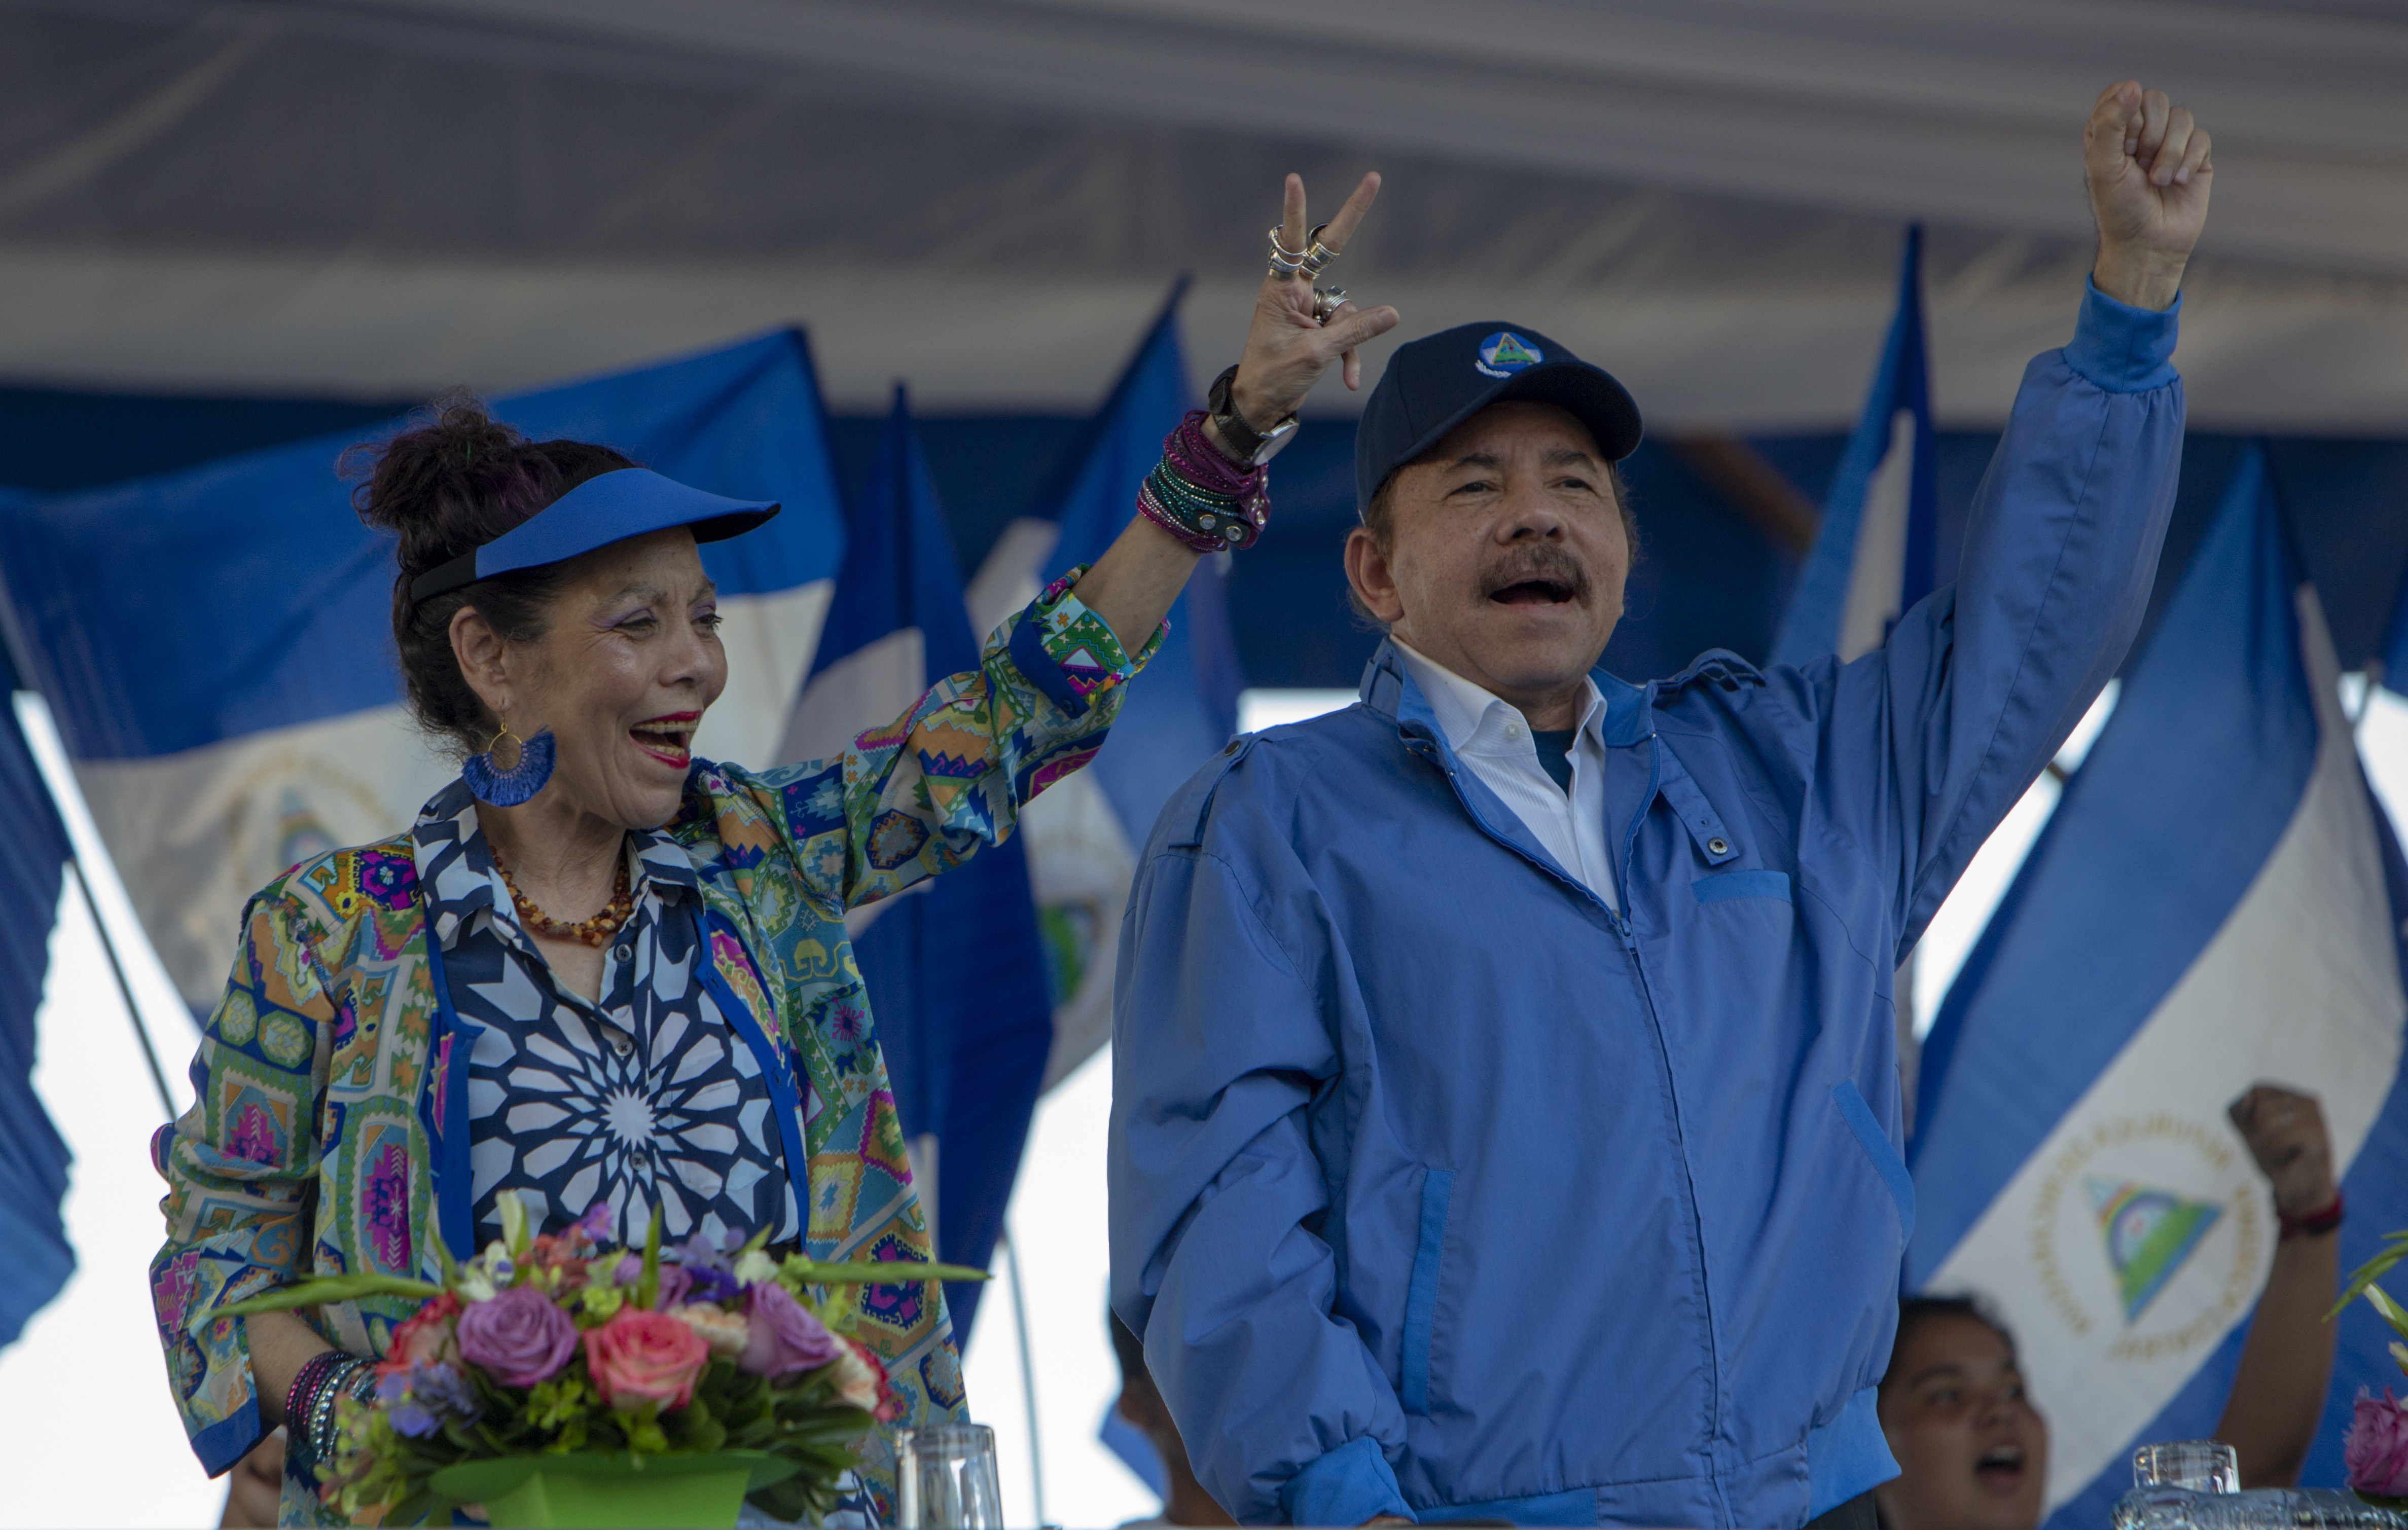 Daniel Ortega y su esposa y vicepresidente, Rosario Murillo, planifican una elección amañada, la única posibilidad de continuar en el poder tras 14 años en una Nicaragua en plena crisis social y política